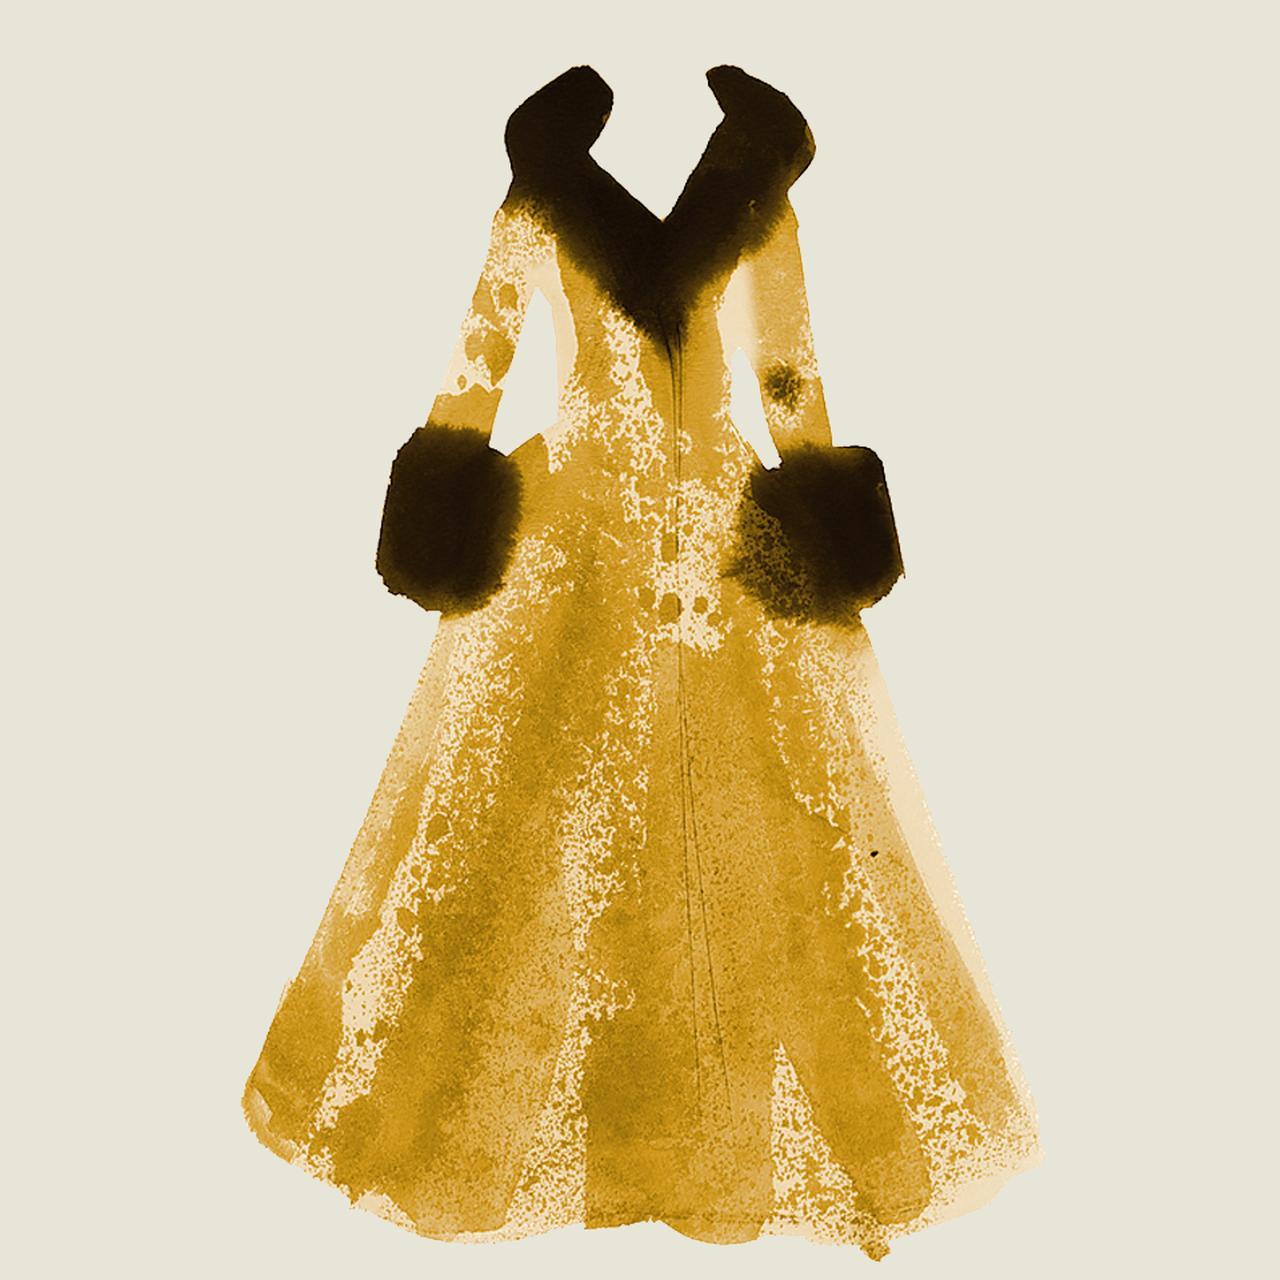 Images : 4番目の画像 - 「連載 Vol.1 コレクションは持ち主を語る。 グレン・クローズの衣装」のアルバム - T JAPAN:The New York Times Style Magazine 公式サイト